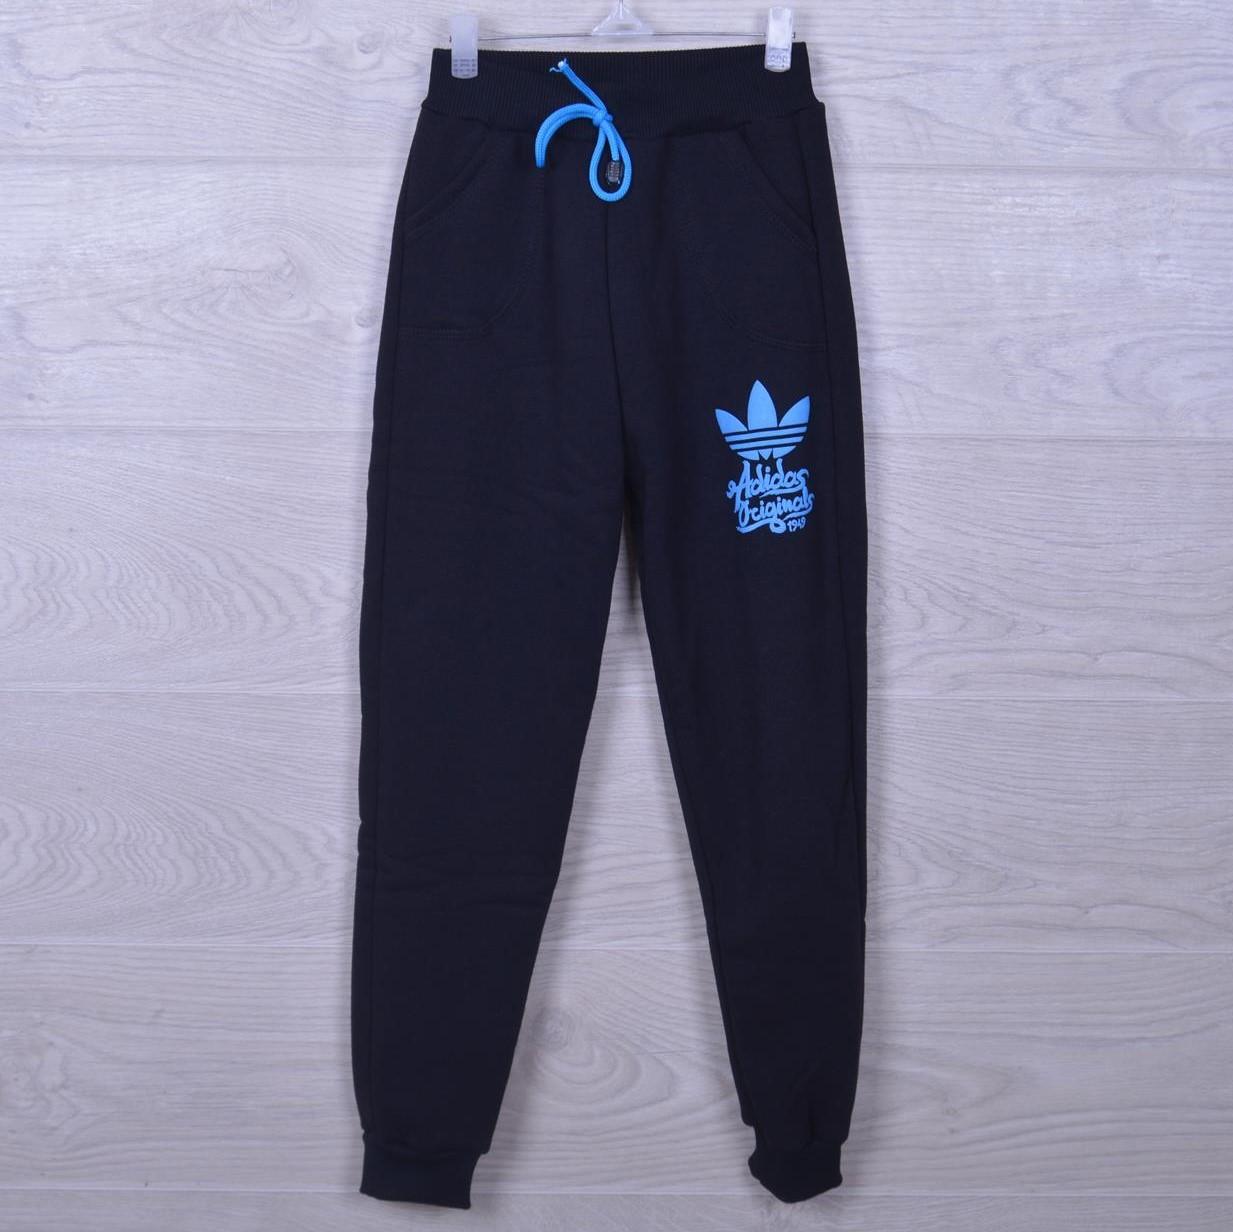 """Утепленные спортивные штаны """"Adidas реплика"""". 7-12 лет. Черные. Оптом"""